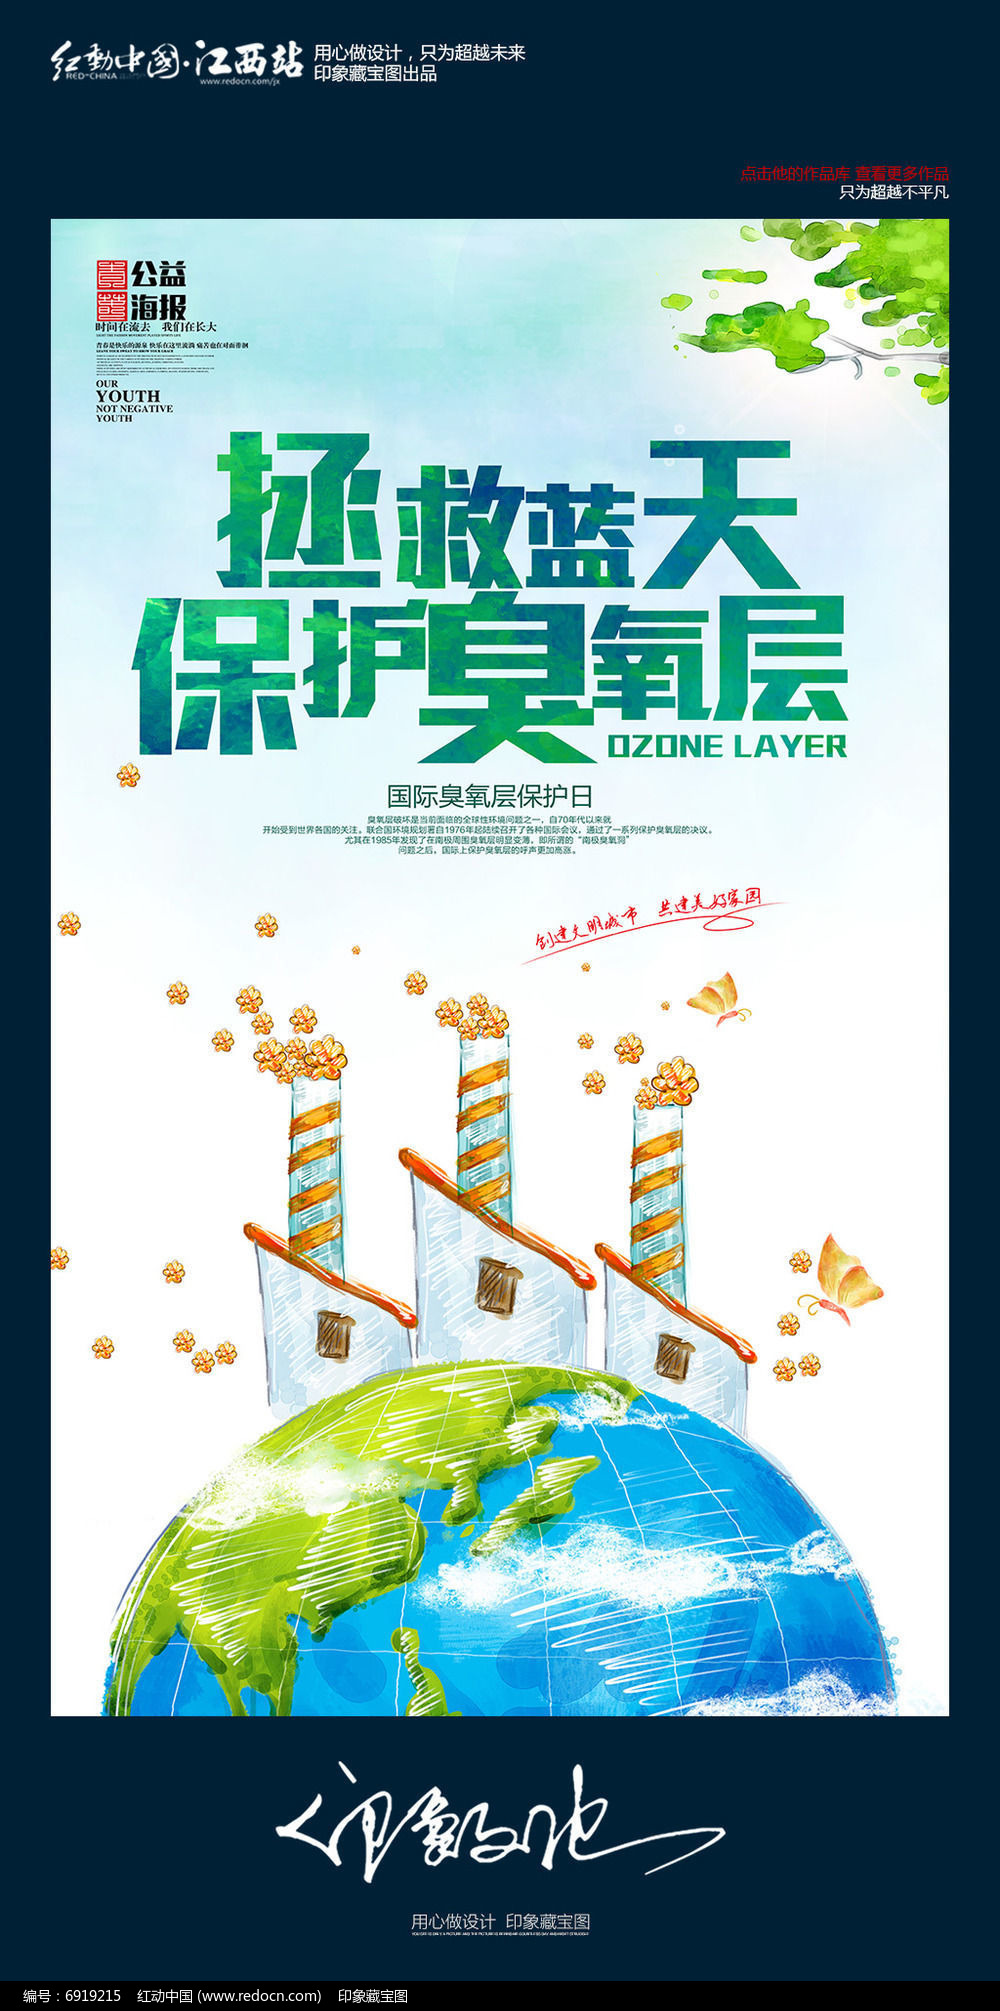 原创设计稿 海报设计/宣传单/广告牌 公益海报 创意国际臭氧层保护日